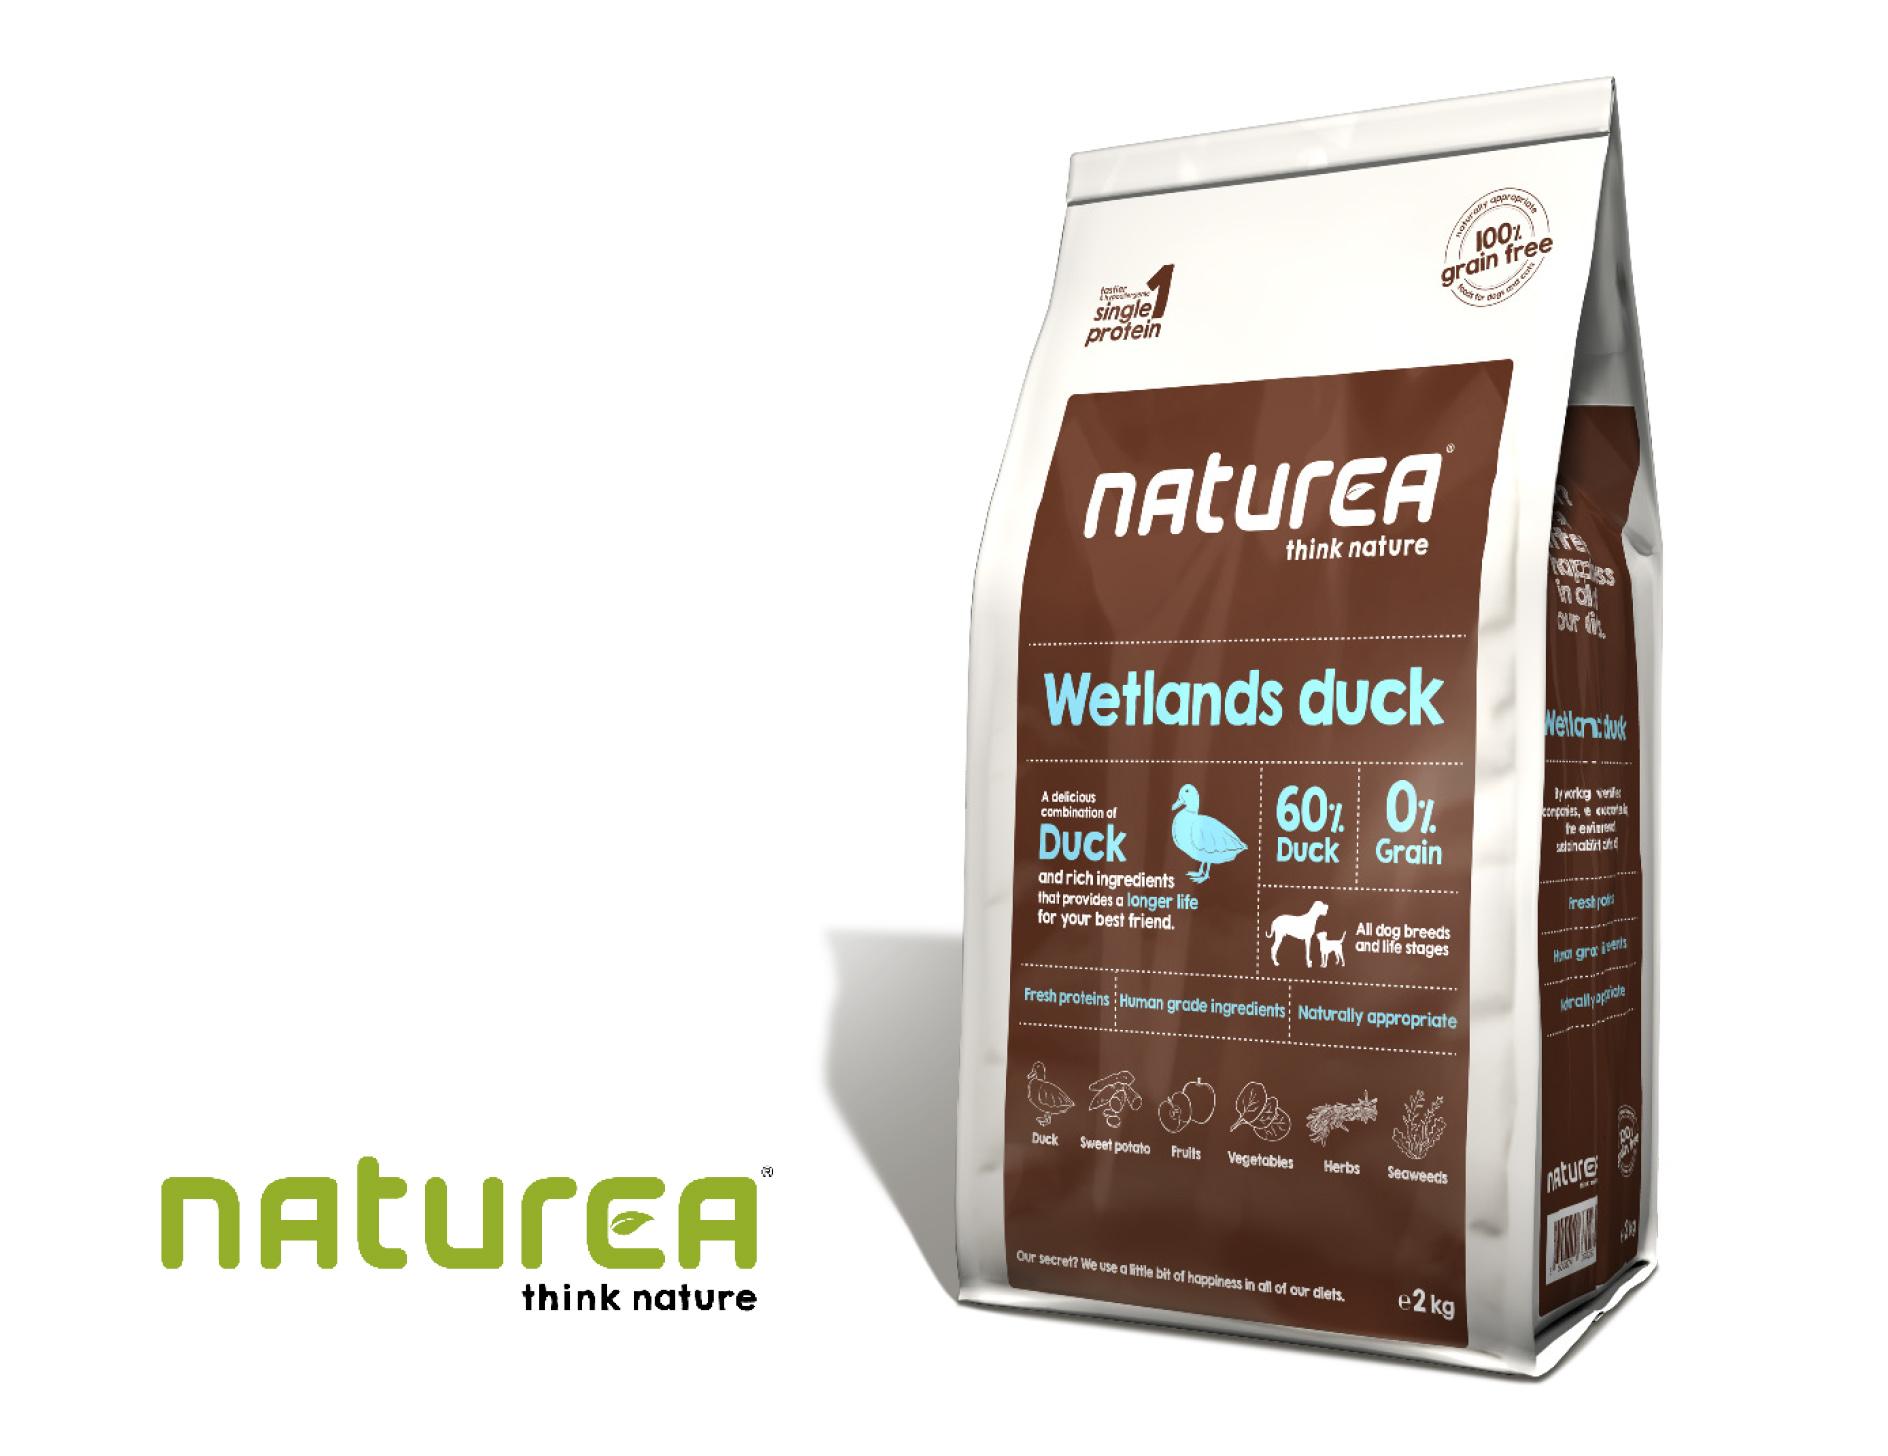 Naturea Wetlands duck zawiera aż 60% kaczki!